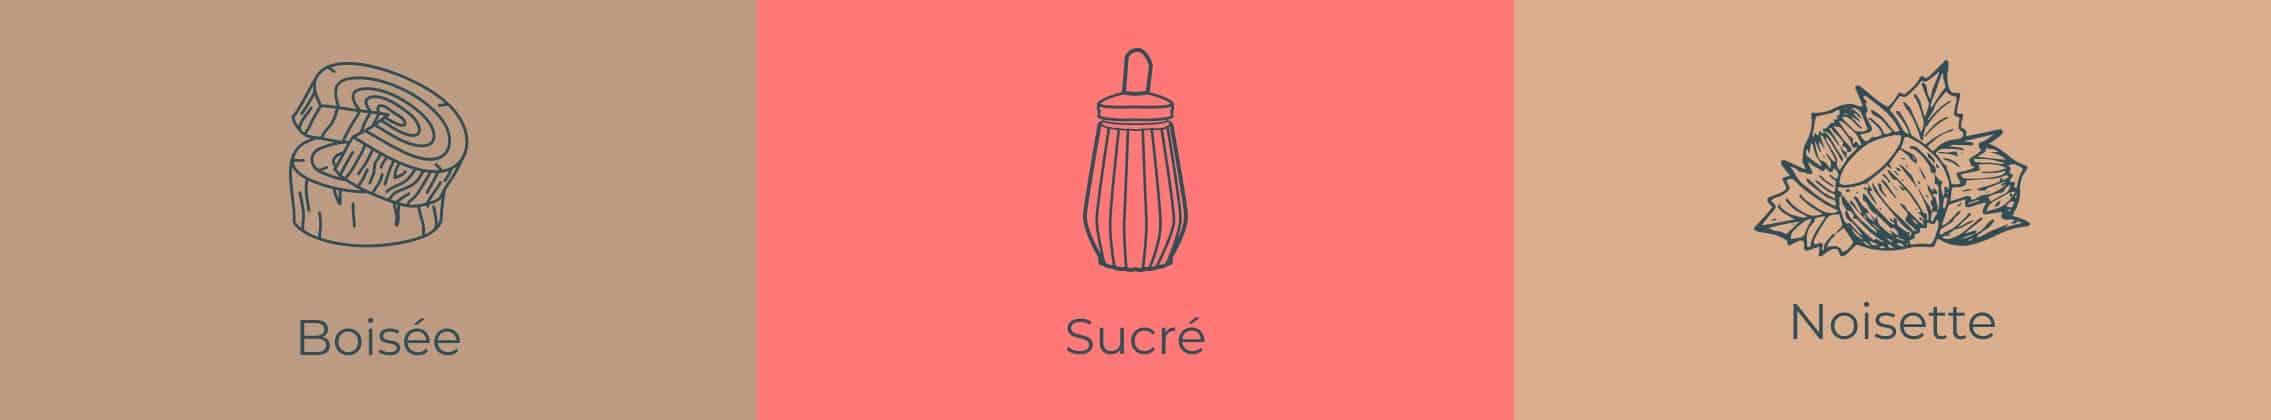 Saveurs_Bubble Gum